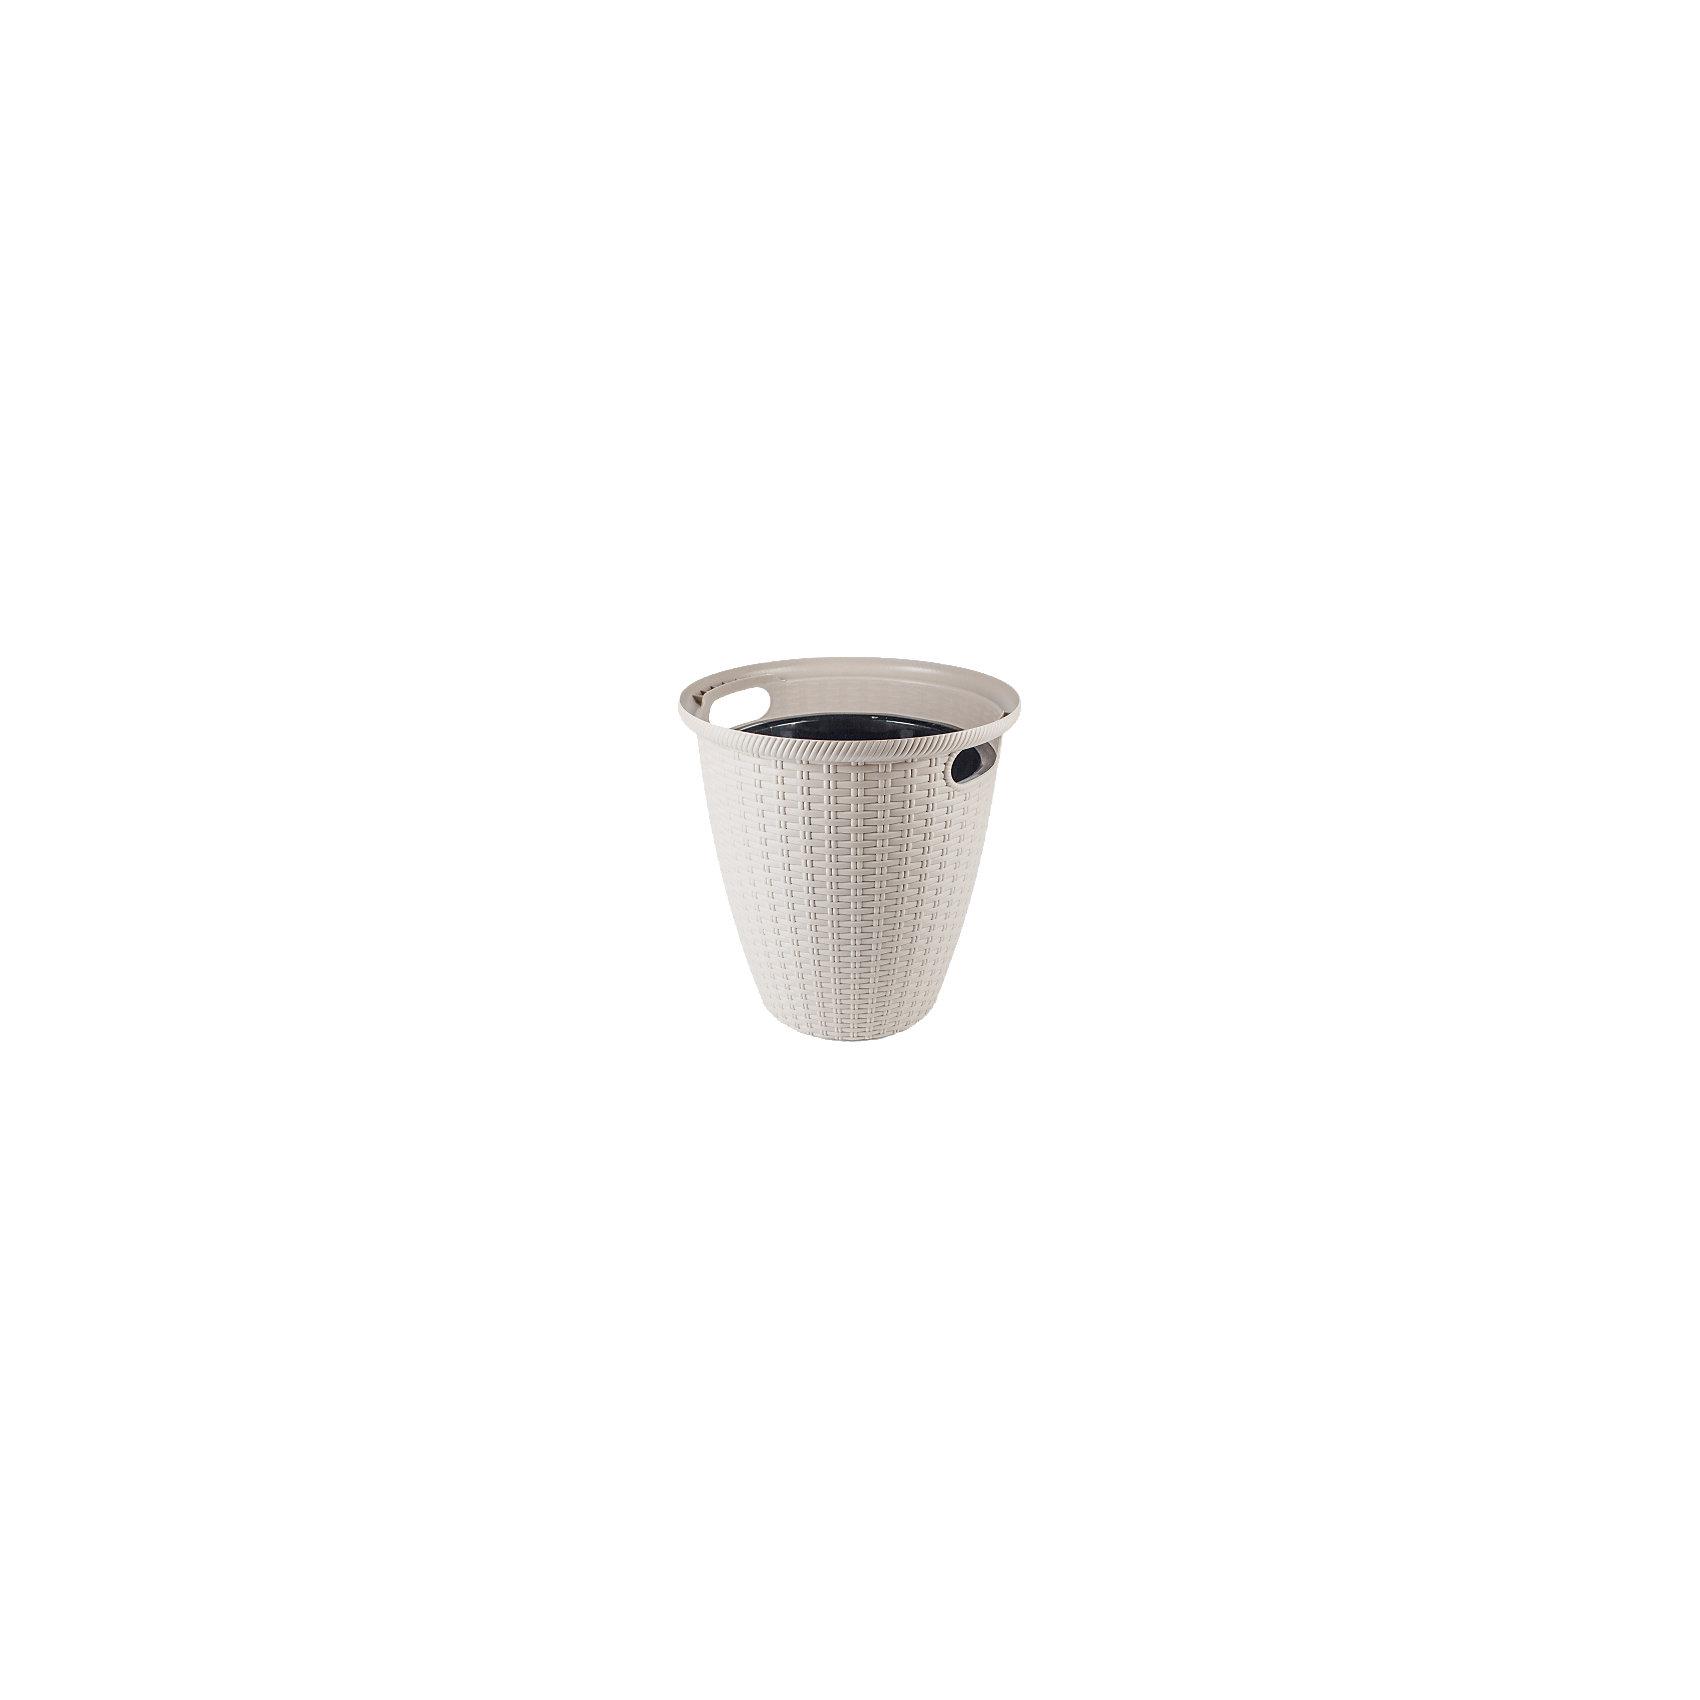 Кашпо напольное Ротанг D 380/30 л, INGREENПредметы интерьера<br>Красивое кашпо, имитирующее плетение ротанг, превратит любое растение в стильный аксессуар интерьера, дополнит и подчеркнет его красоту. Кашпо и горшок 2 в 1: растение высаживается во внутренний горшок–вставку и помещается в декоративное кашпо, отсутствует необходимость в использовании поддона. Незаменимо для зонирования жилых и офисных помещений, украшения террас и веранд. Благодаря свойствам материала, может использоваться как в помещении, так и перед входом в дом, так как выдерживает температуру до -5С. С боковых сторон кашпо имеет эргономичные ручки, для легкой переноски растения.<br><br>Ширина мм: 380<br>Глубина мм: 380<br>Высота мм: 378<br>Вес г: 1151<br>Возраст от месяцев: 216<br>Возраст до месяцев: 1188<br>Пол: Унисекс<br>Возраст: Детский<br>SKU: 5545646